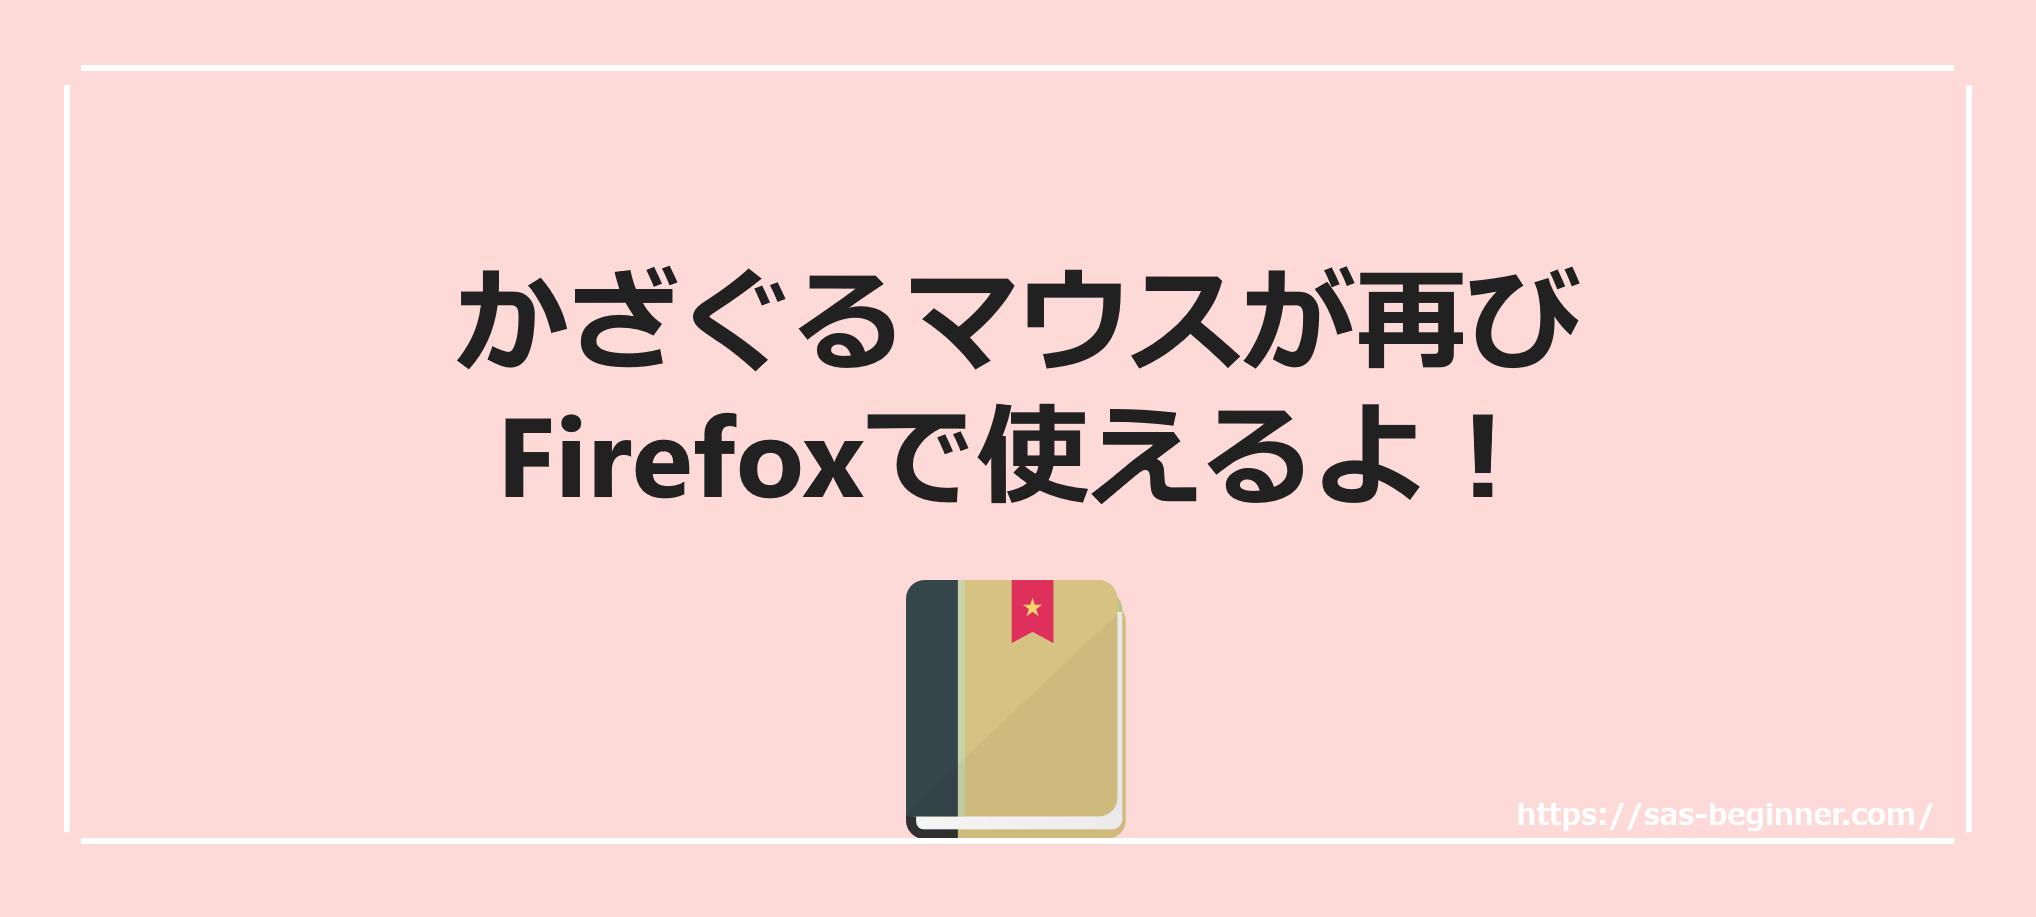 Firefoxでかざぐるマウスが使えない!?また使えるよって話